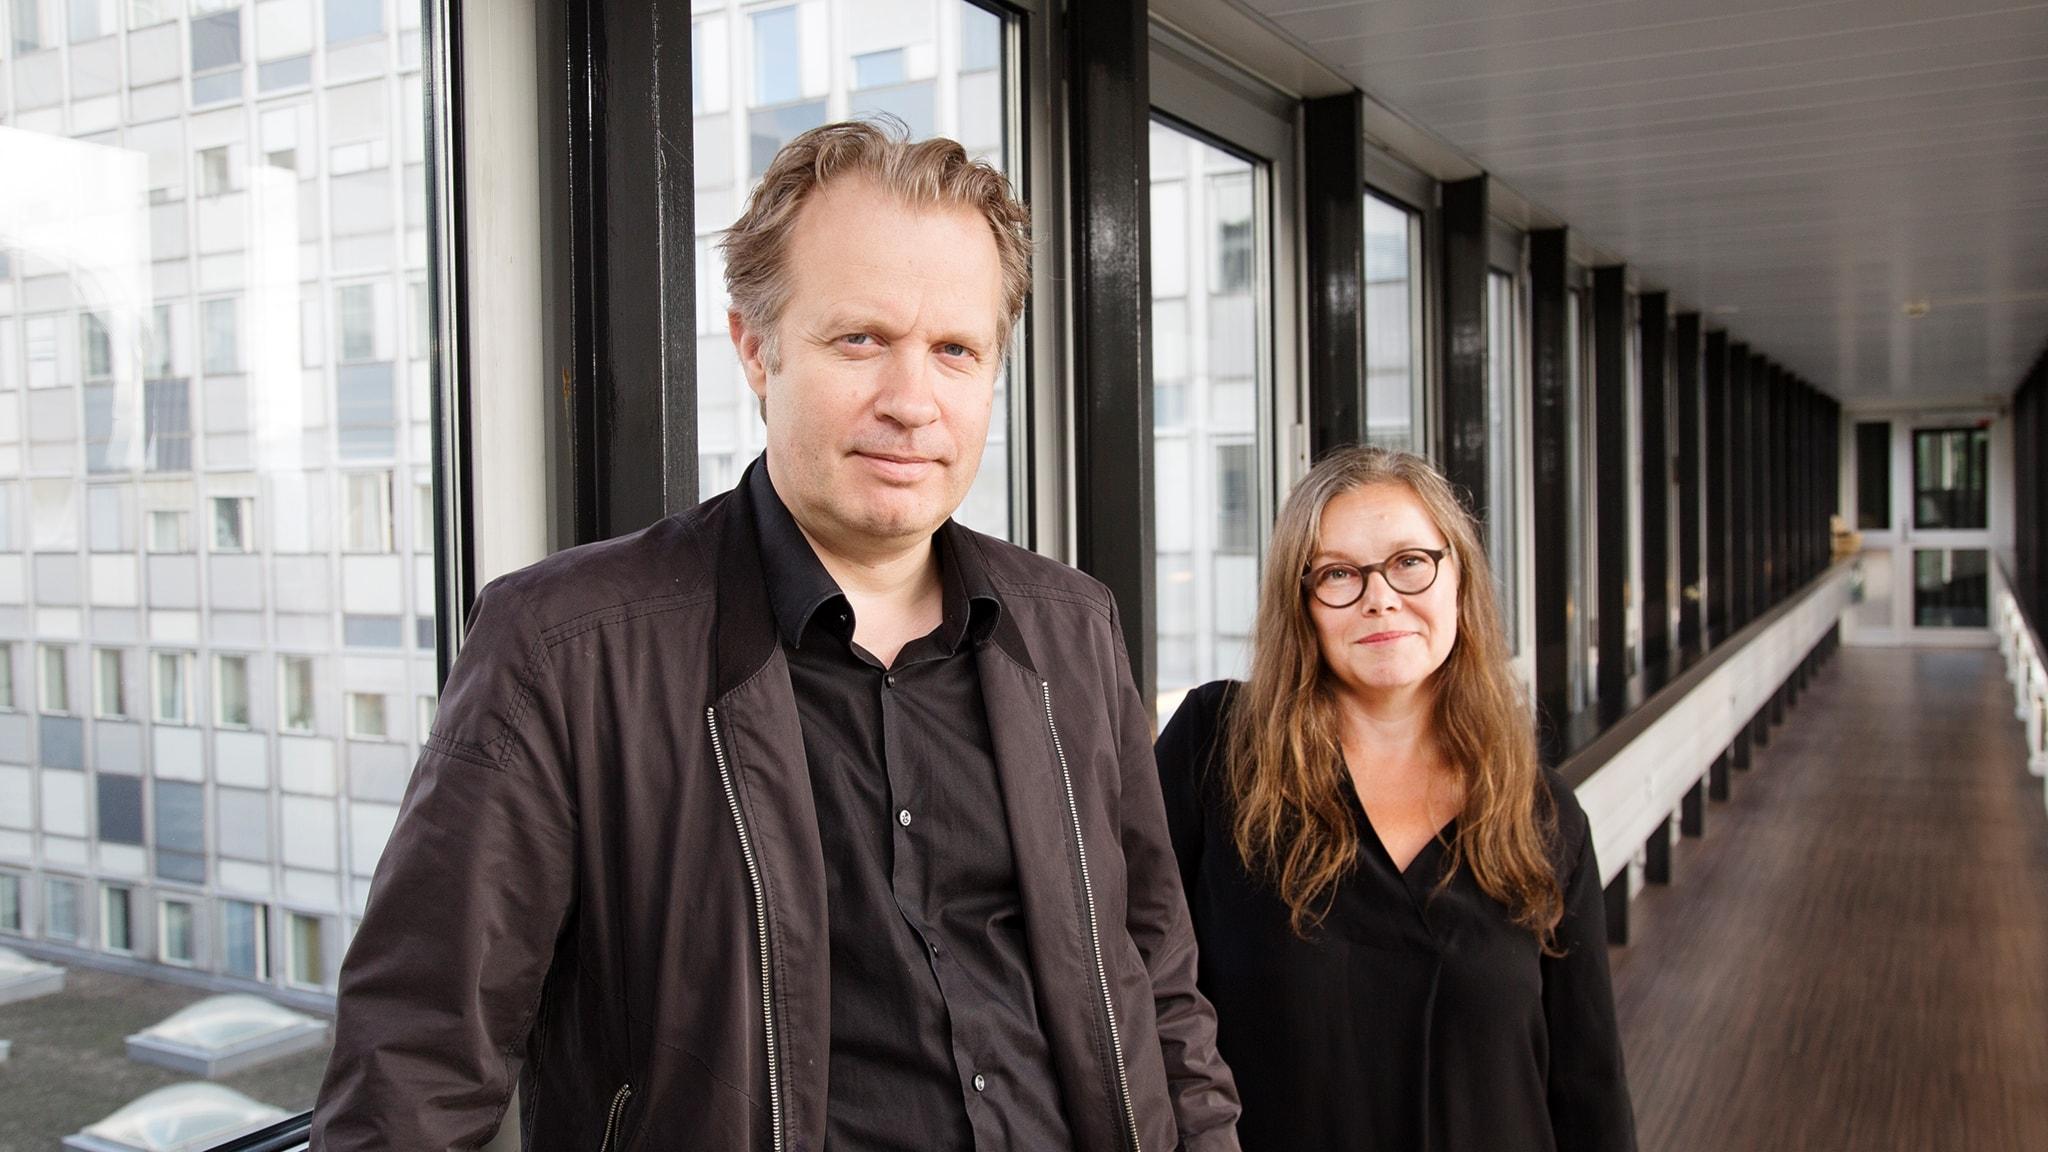 Möt Eirik Stubø, regissör och chef för Dramaten